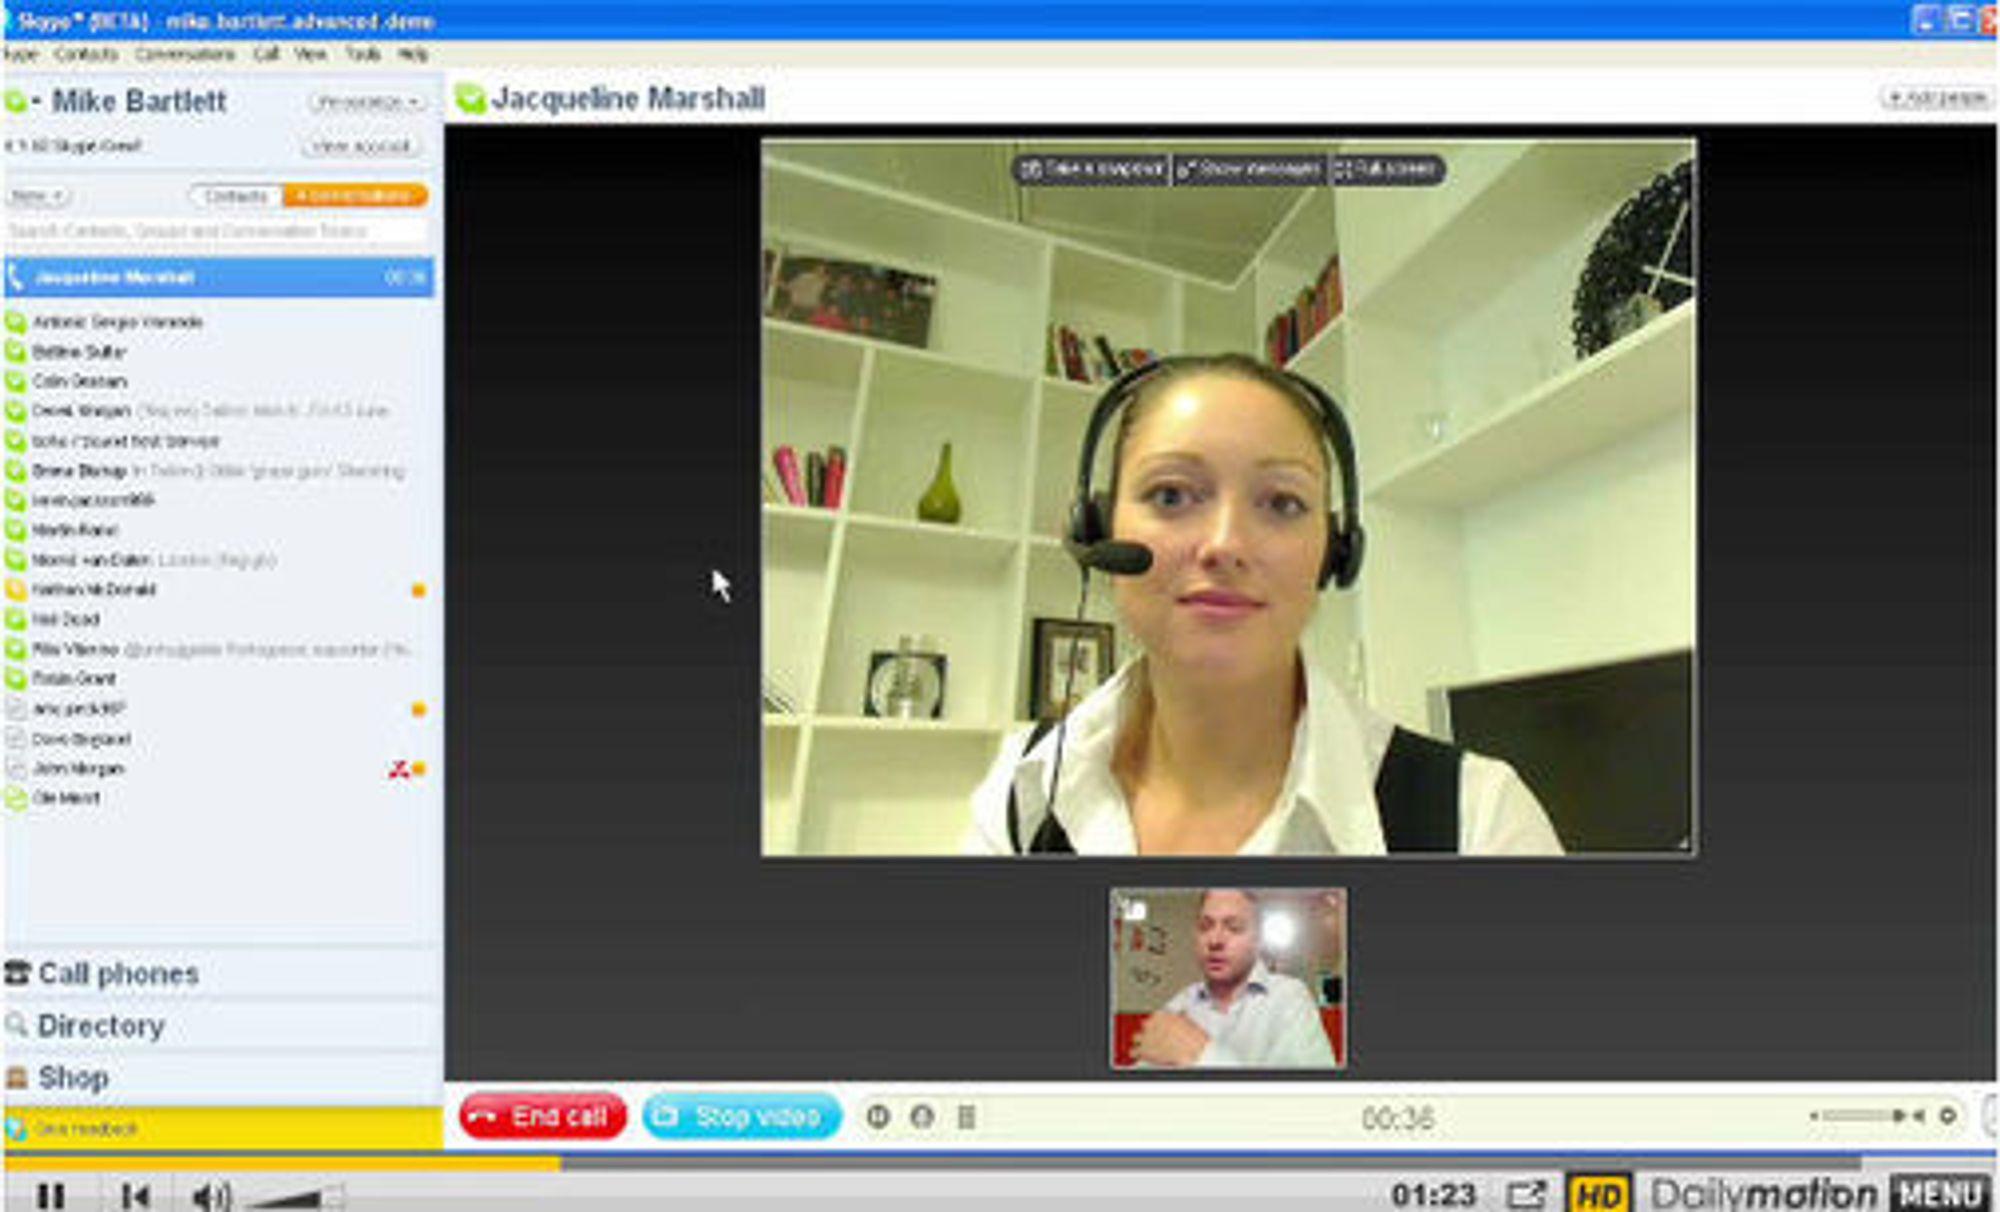 Skype 4.0 beta - demo av videosamtale